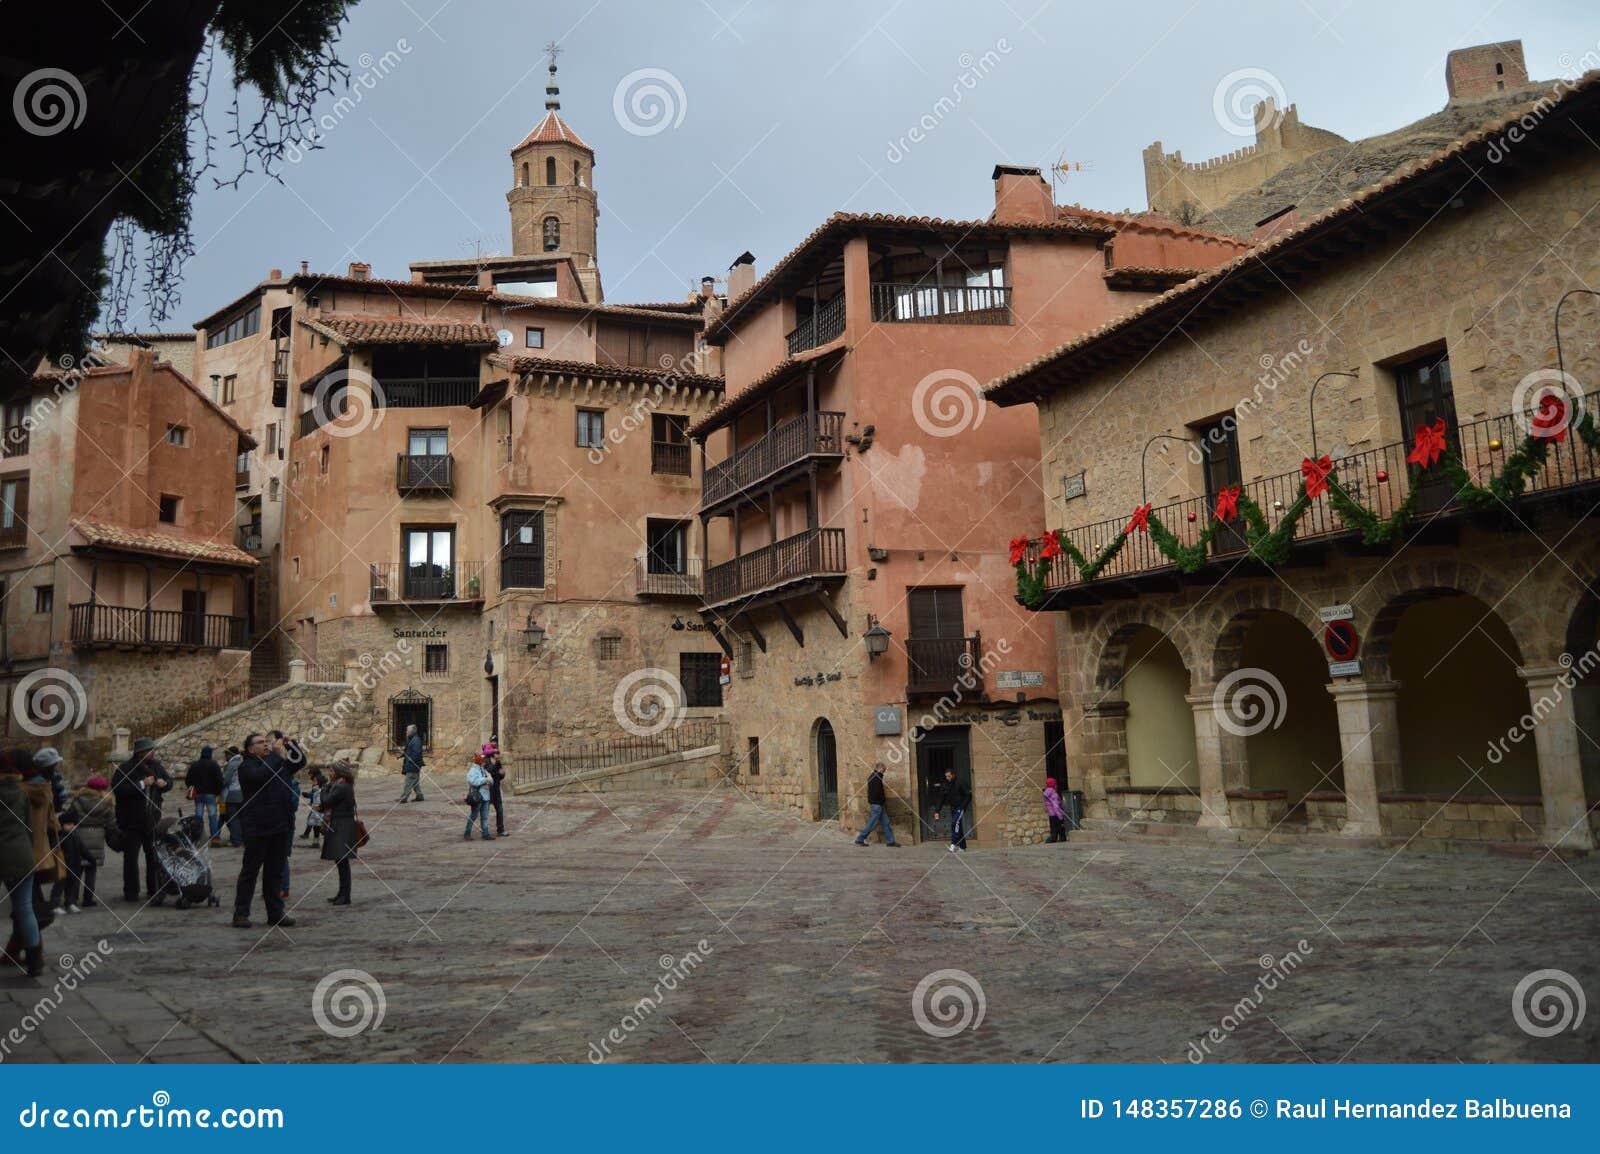 28 de diciembre de 2013 Albarracin, Teruel, Arag?n, Espa?a Chalet medieval con su cuadrado hermoso de Albarracin Historia, viaje,